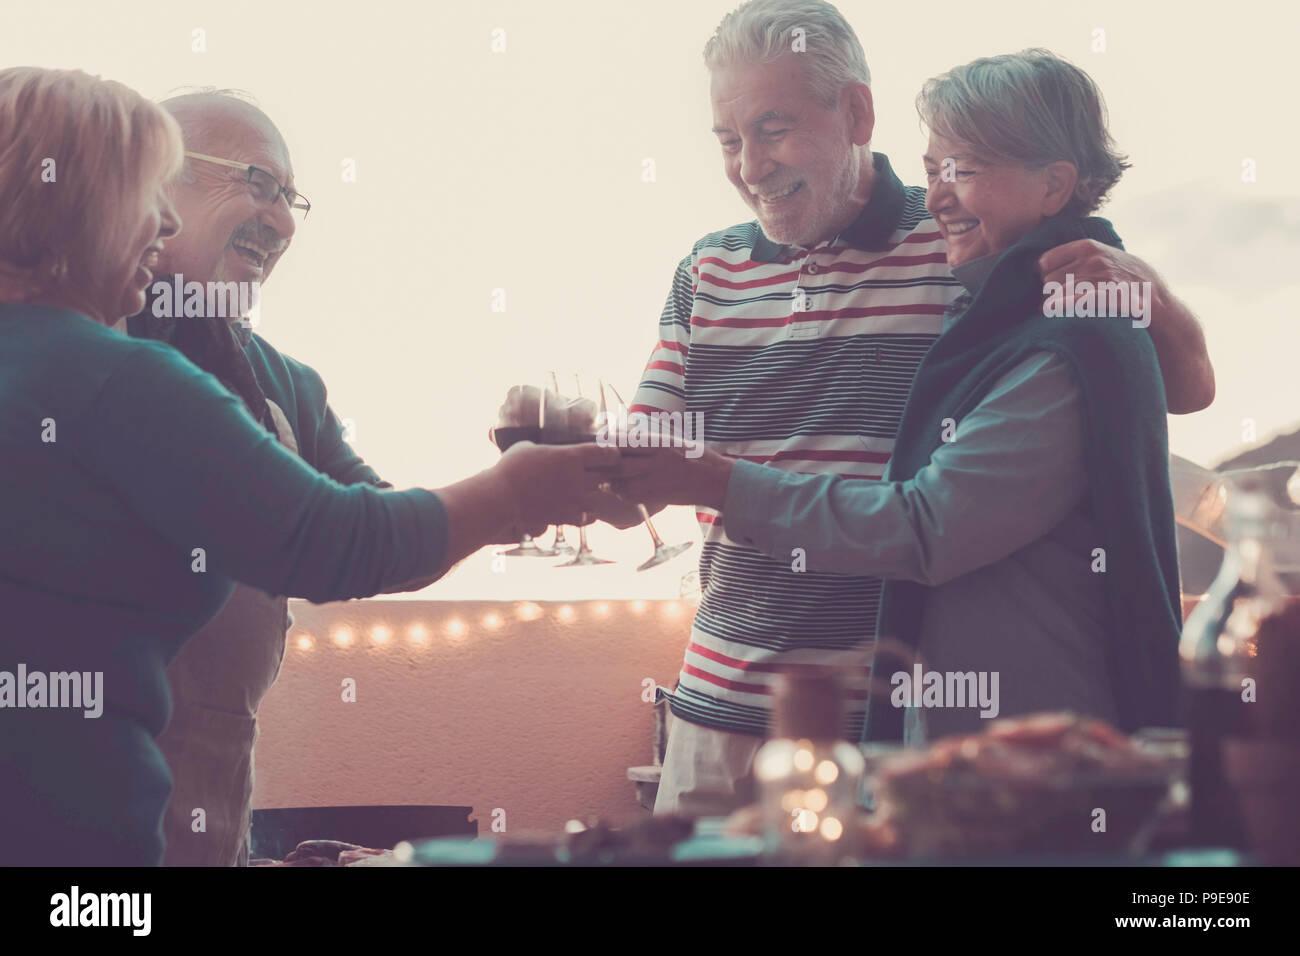 Senior persone adulte gruppo in attività del tempo libero facendo barbecue barbecue sulla terrazza sul tetto di casa con vista montagna. pasto e vino per due uomini e due Immagini Stock